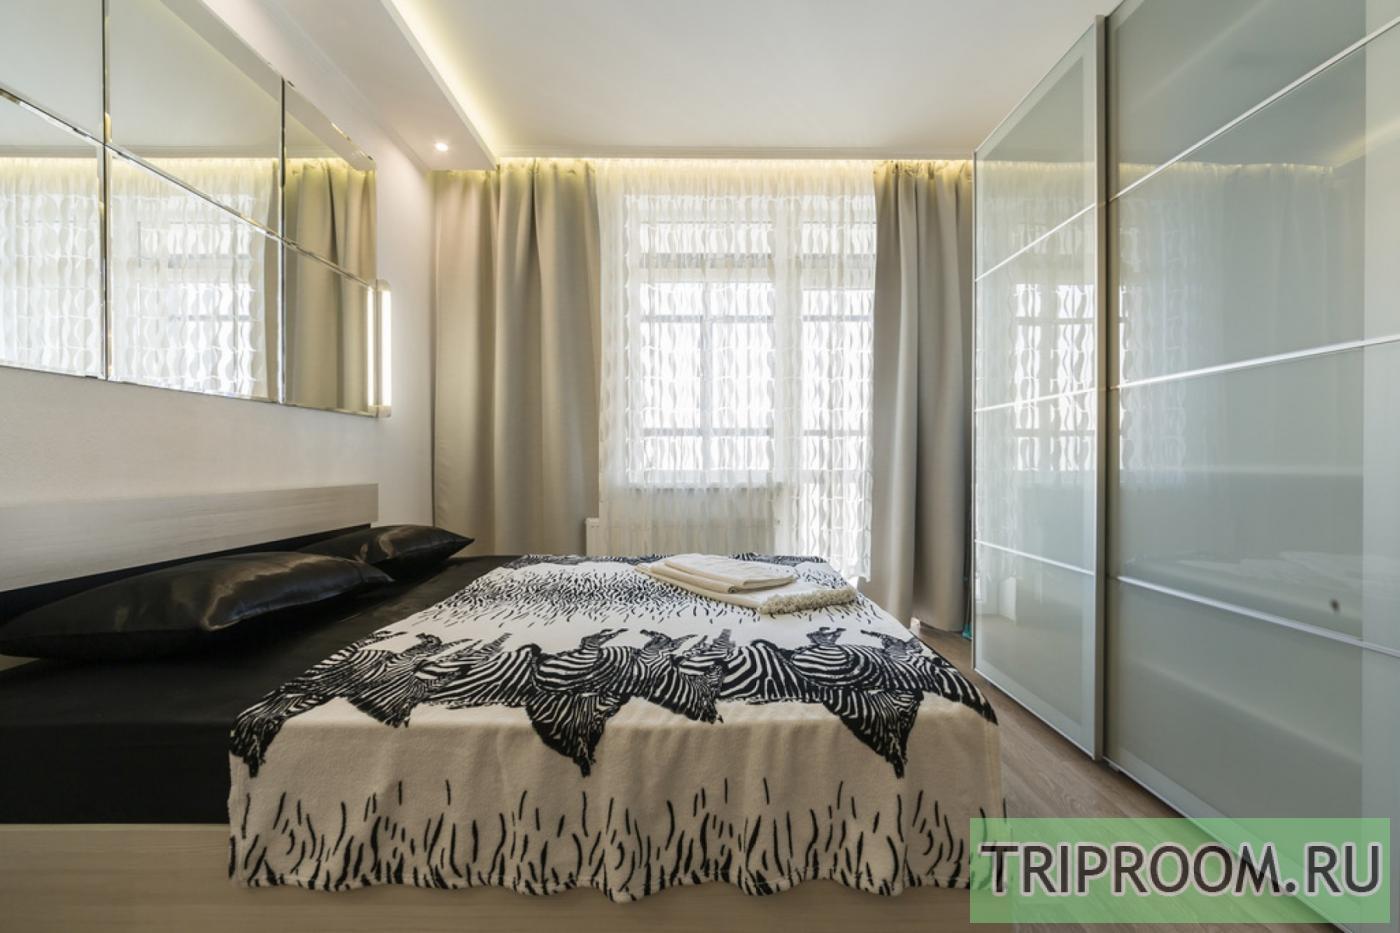 1-комнатная квартира посуточно (вариант № 18461), ул. Адмирала Черокова улица, фото № 11